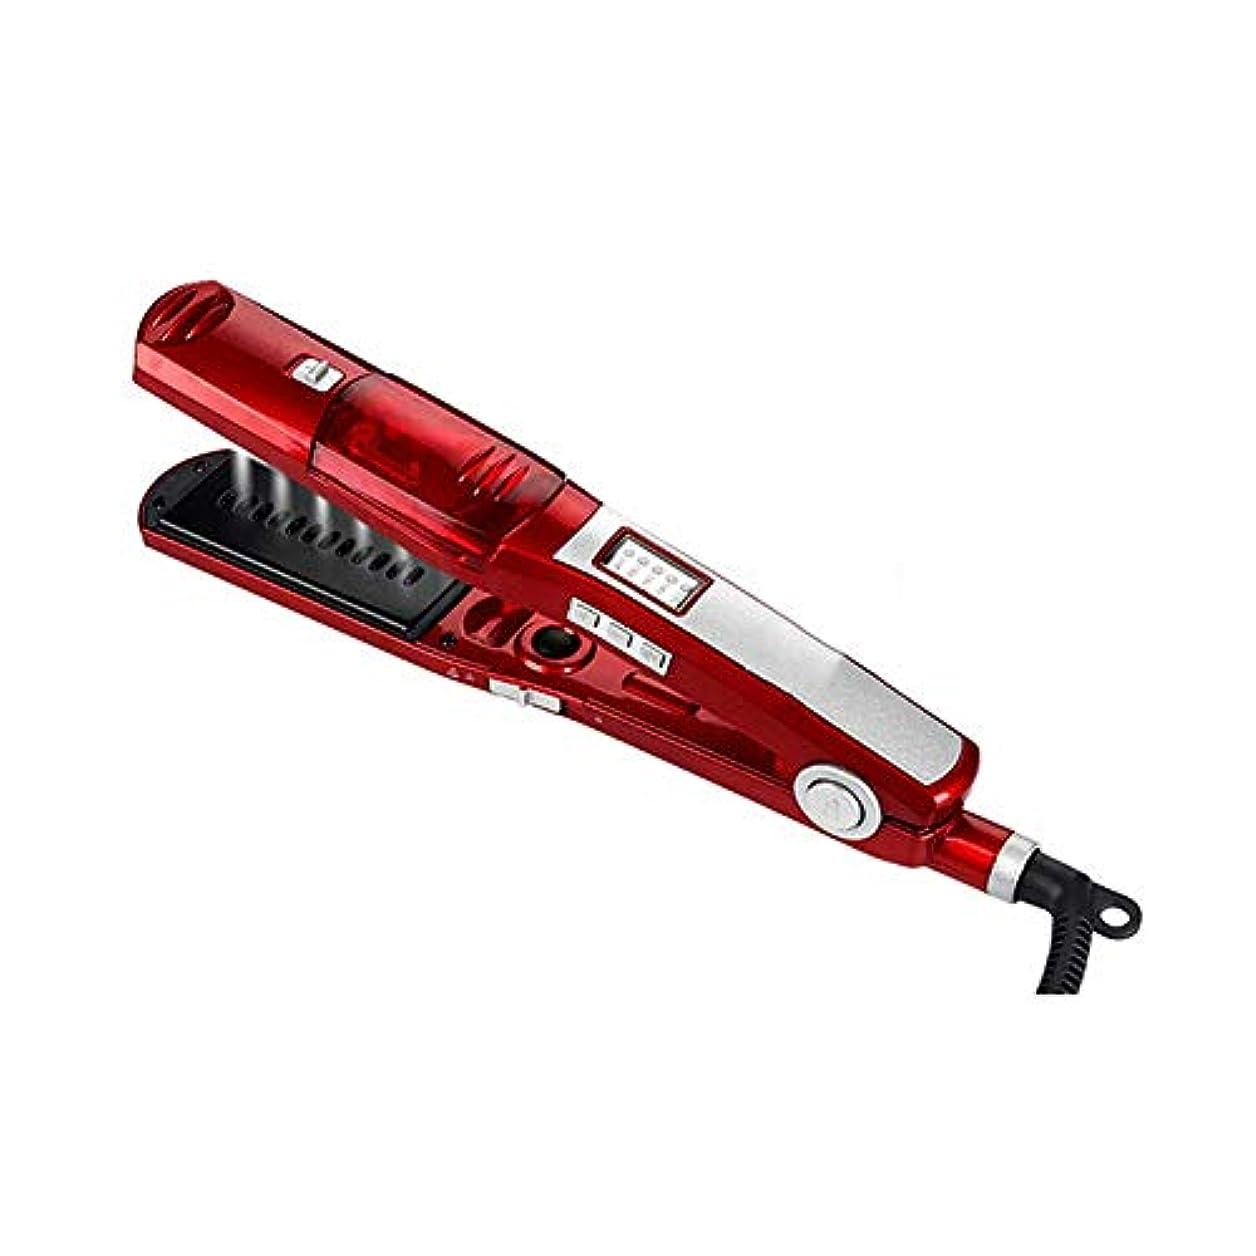 多機能ストレートヘアスプリント、スチームスプレー矯正、ウェットとドライストレートヘアアーティファクト